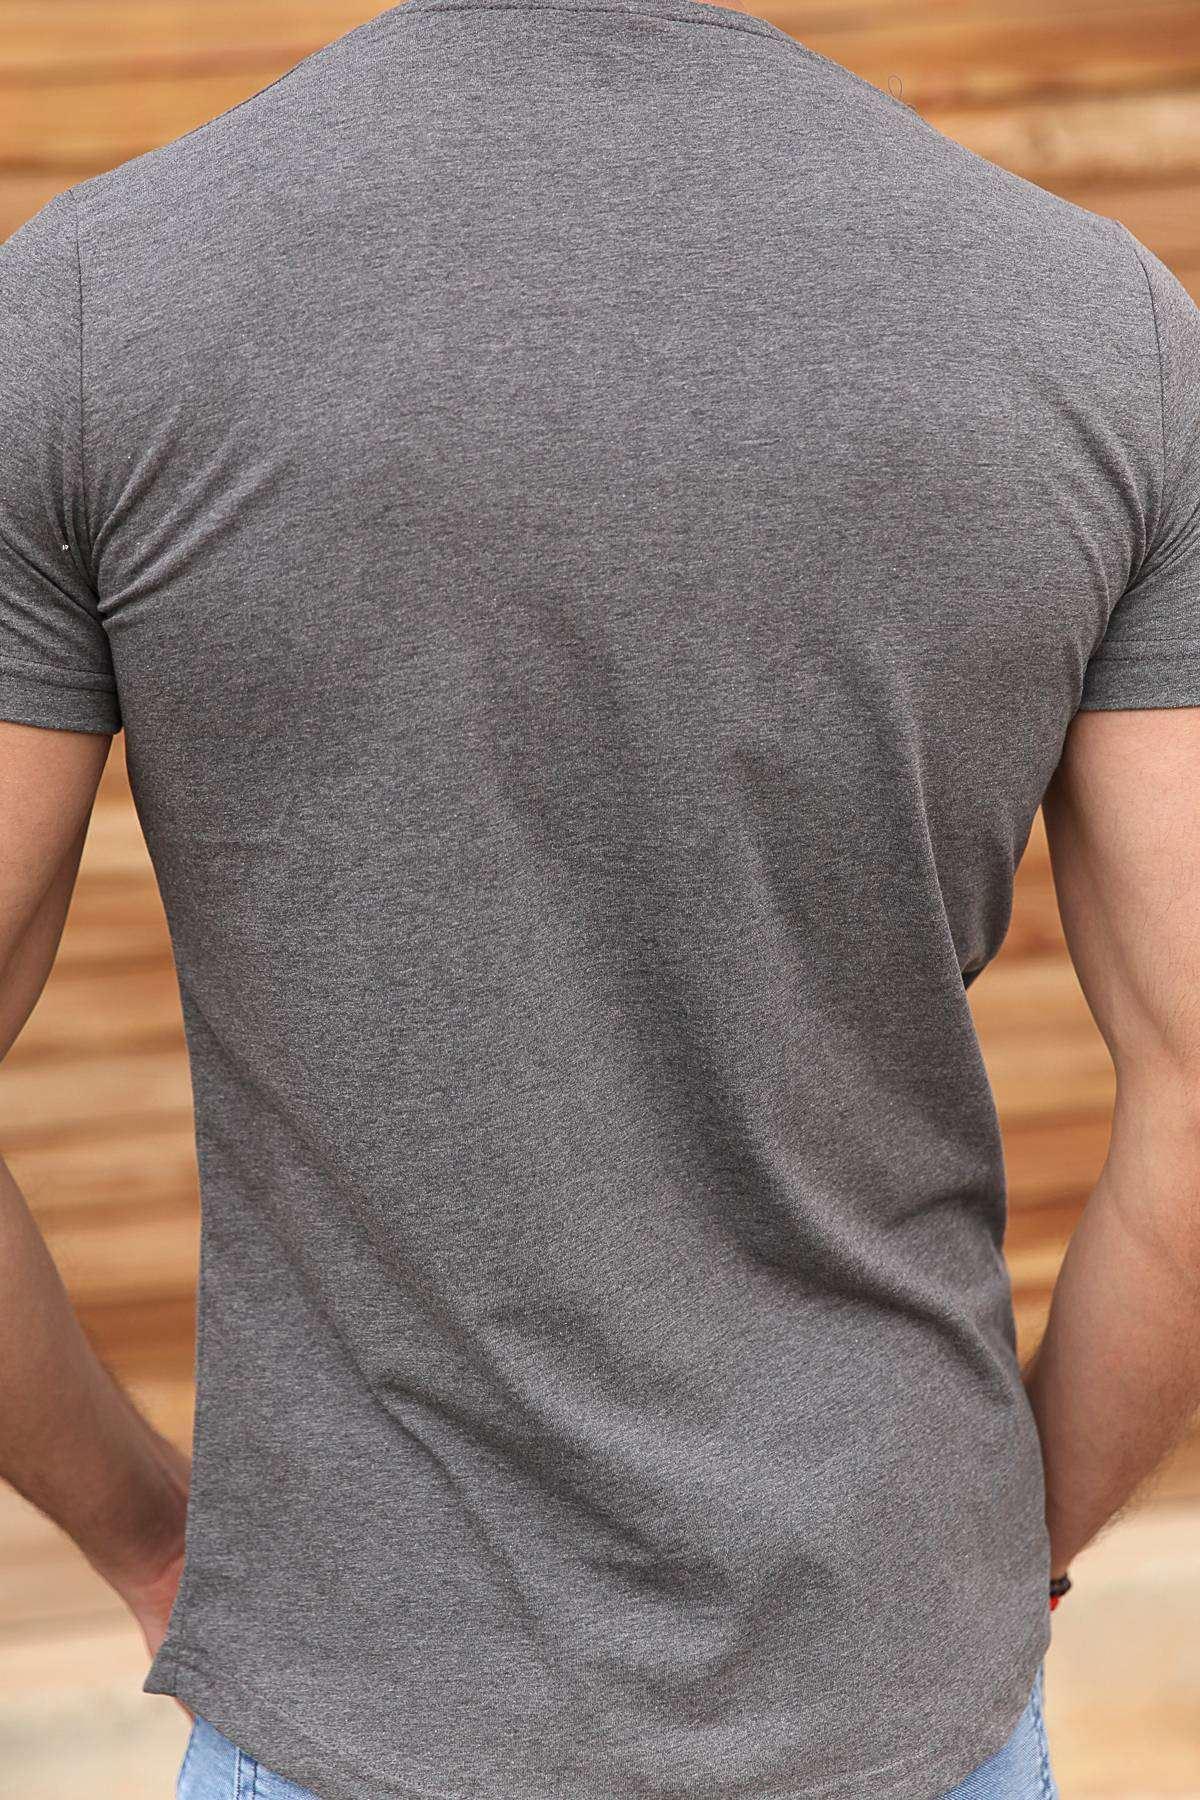 Göğüs Deri Şeritli Metal Aksesuarlı Slim Fit Tişört Antrasit